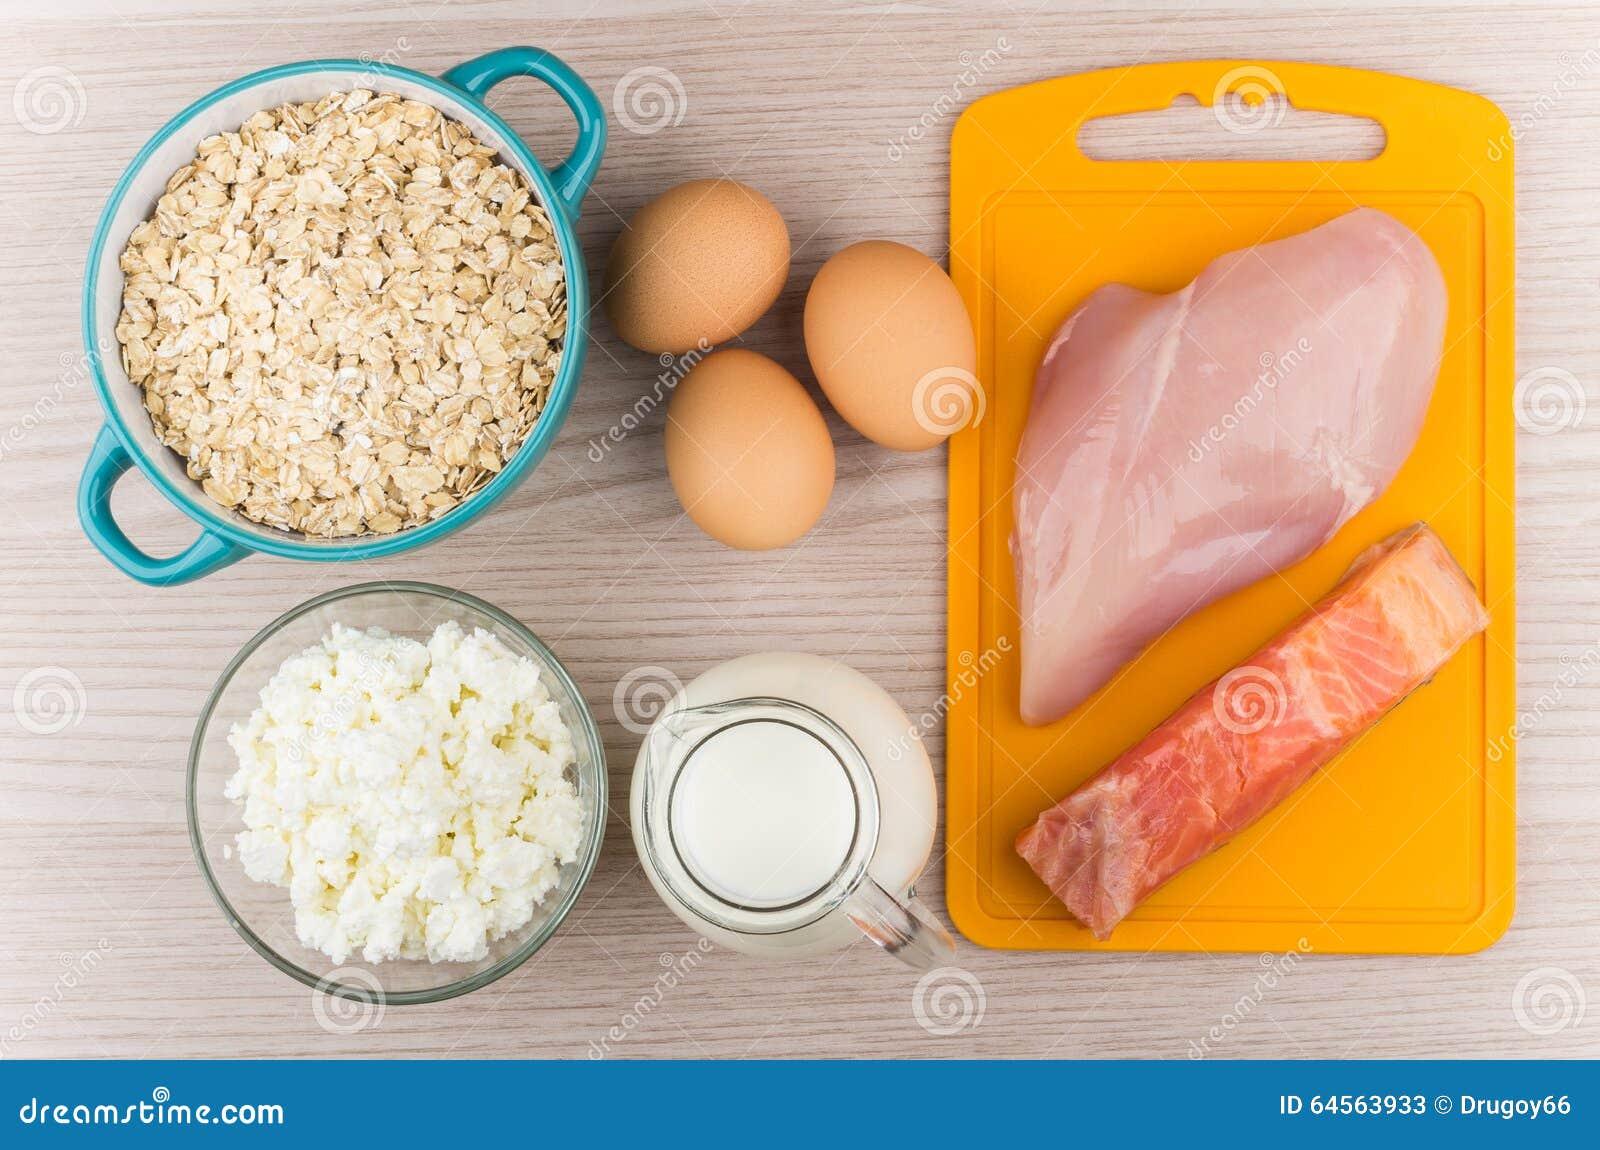 Foods bogaci w proteinie i węglowodanach na stole